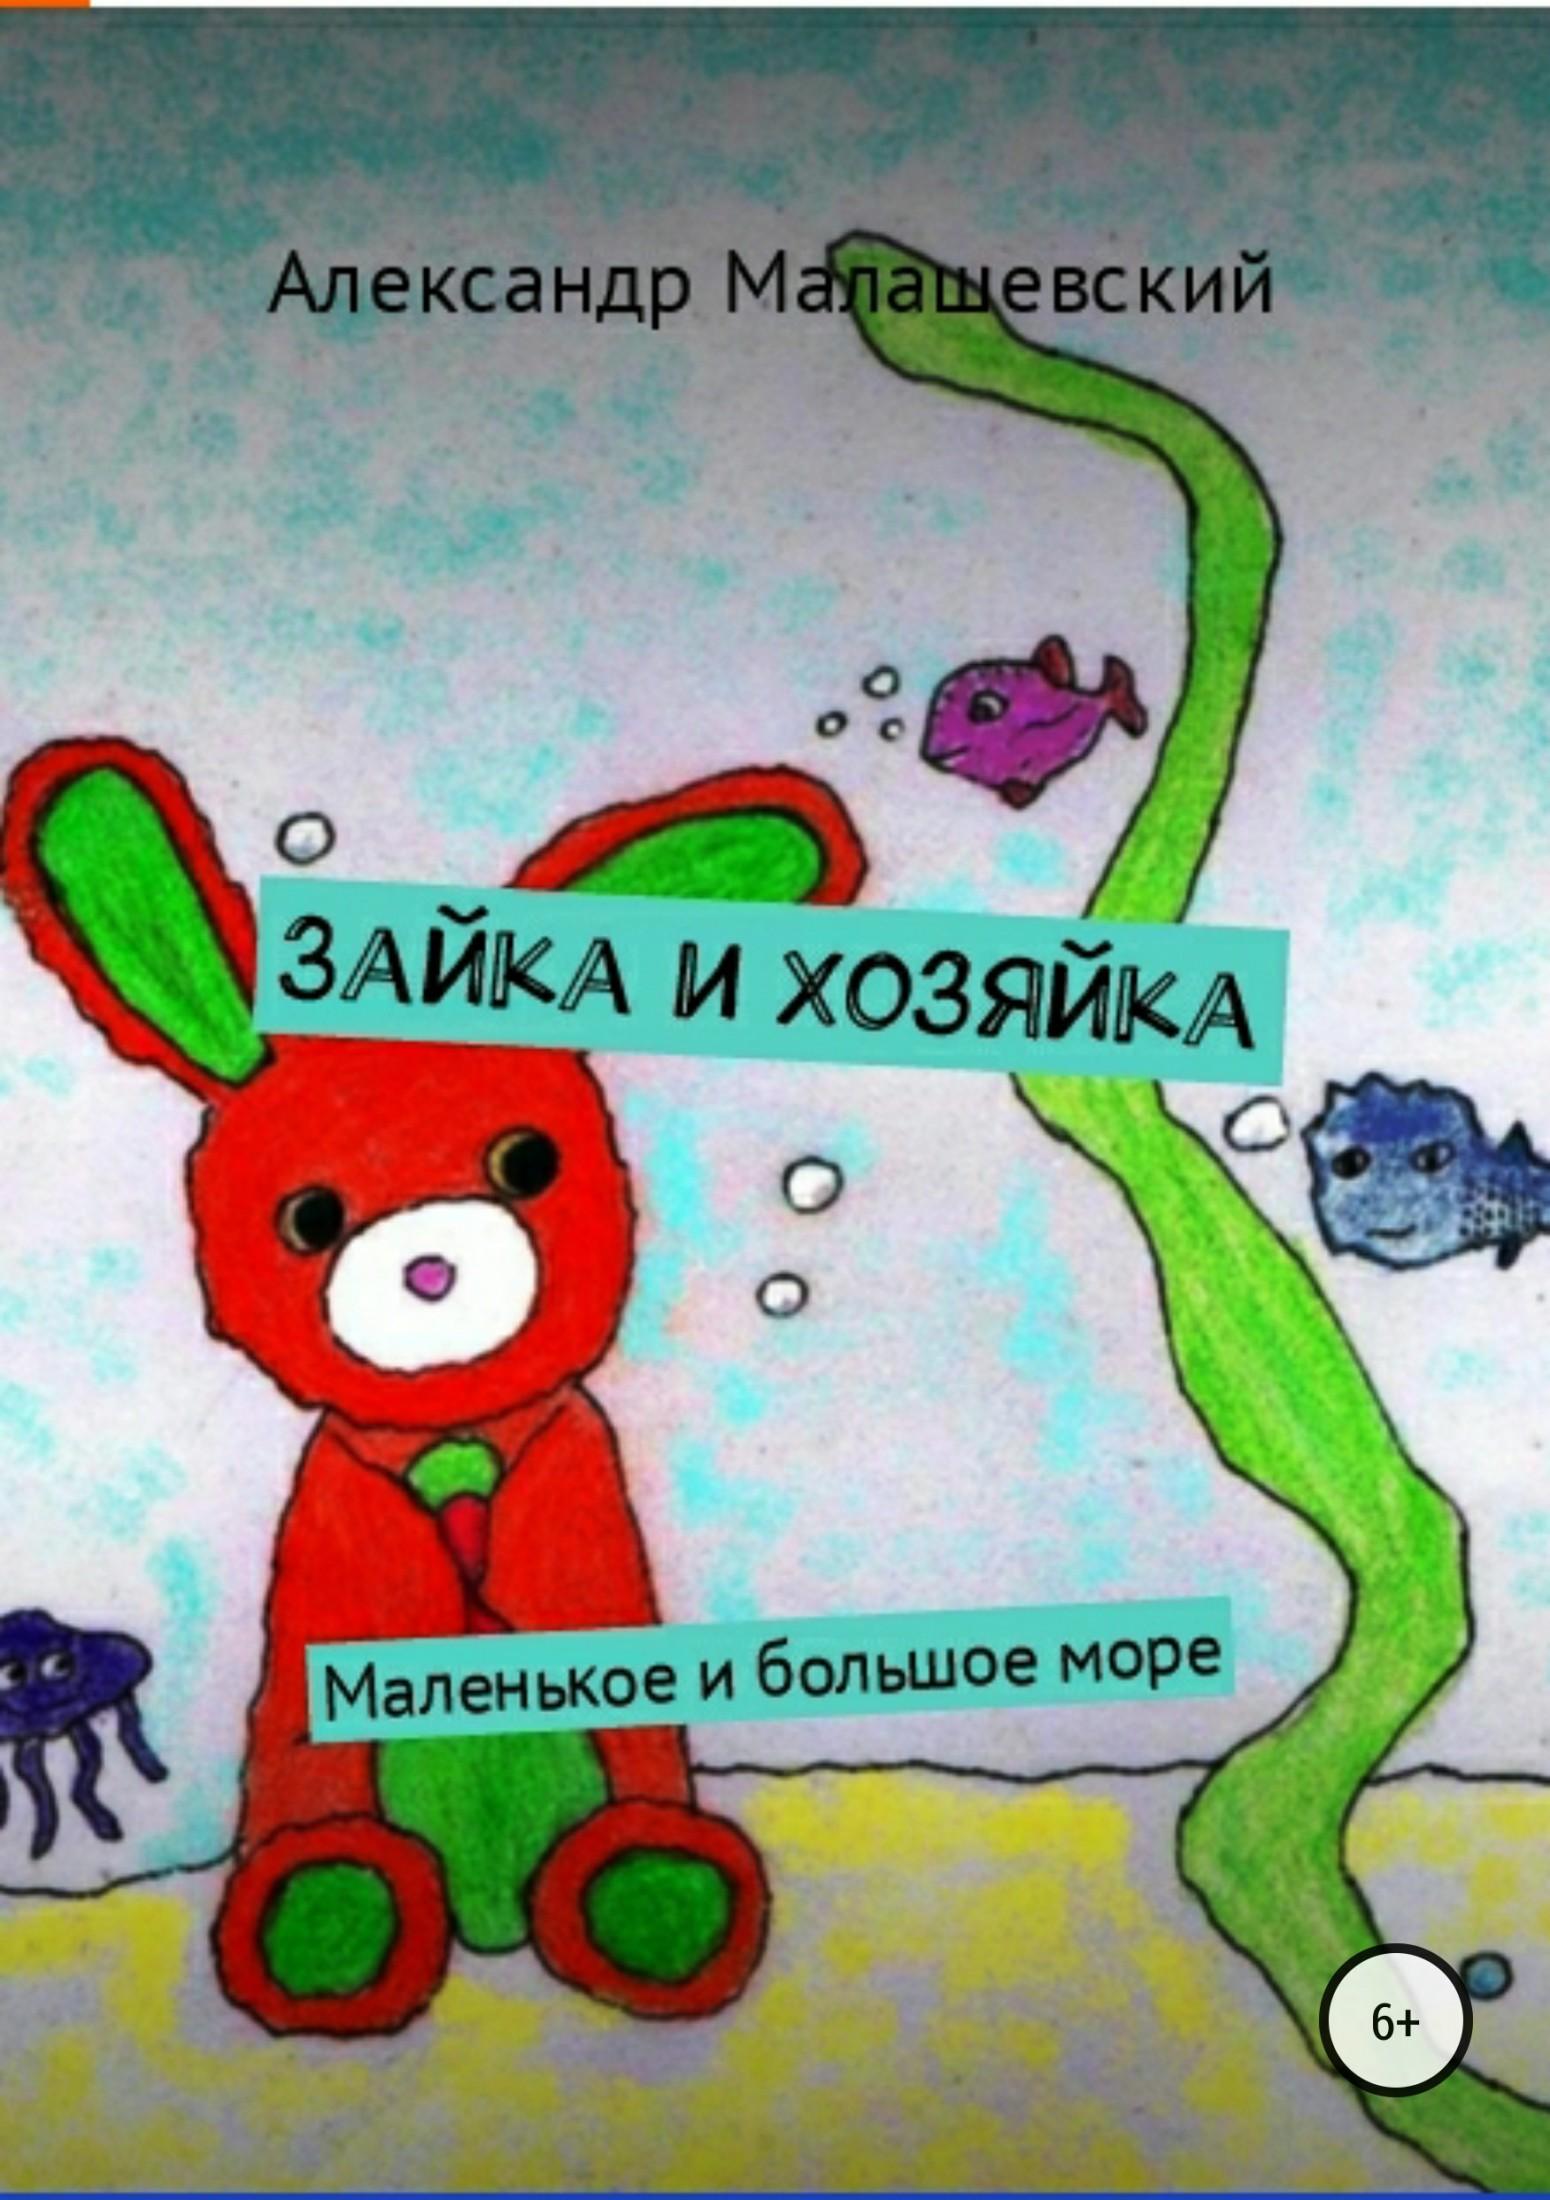 Александр Малашевский - Зайка и хозяйка. Маленькое и большое море